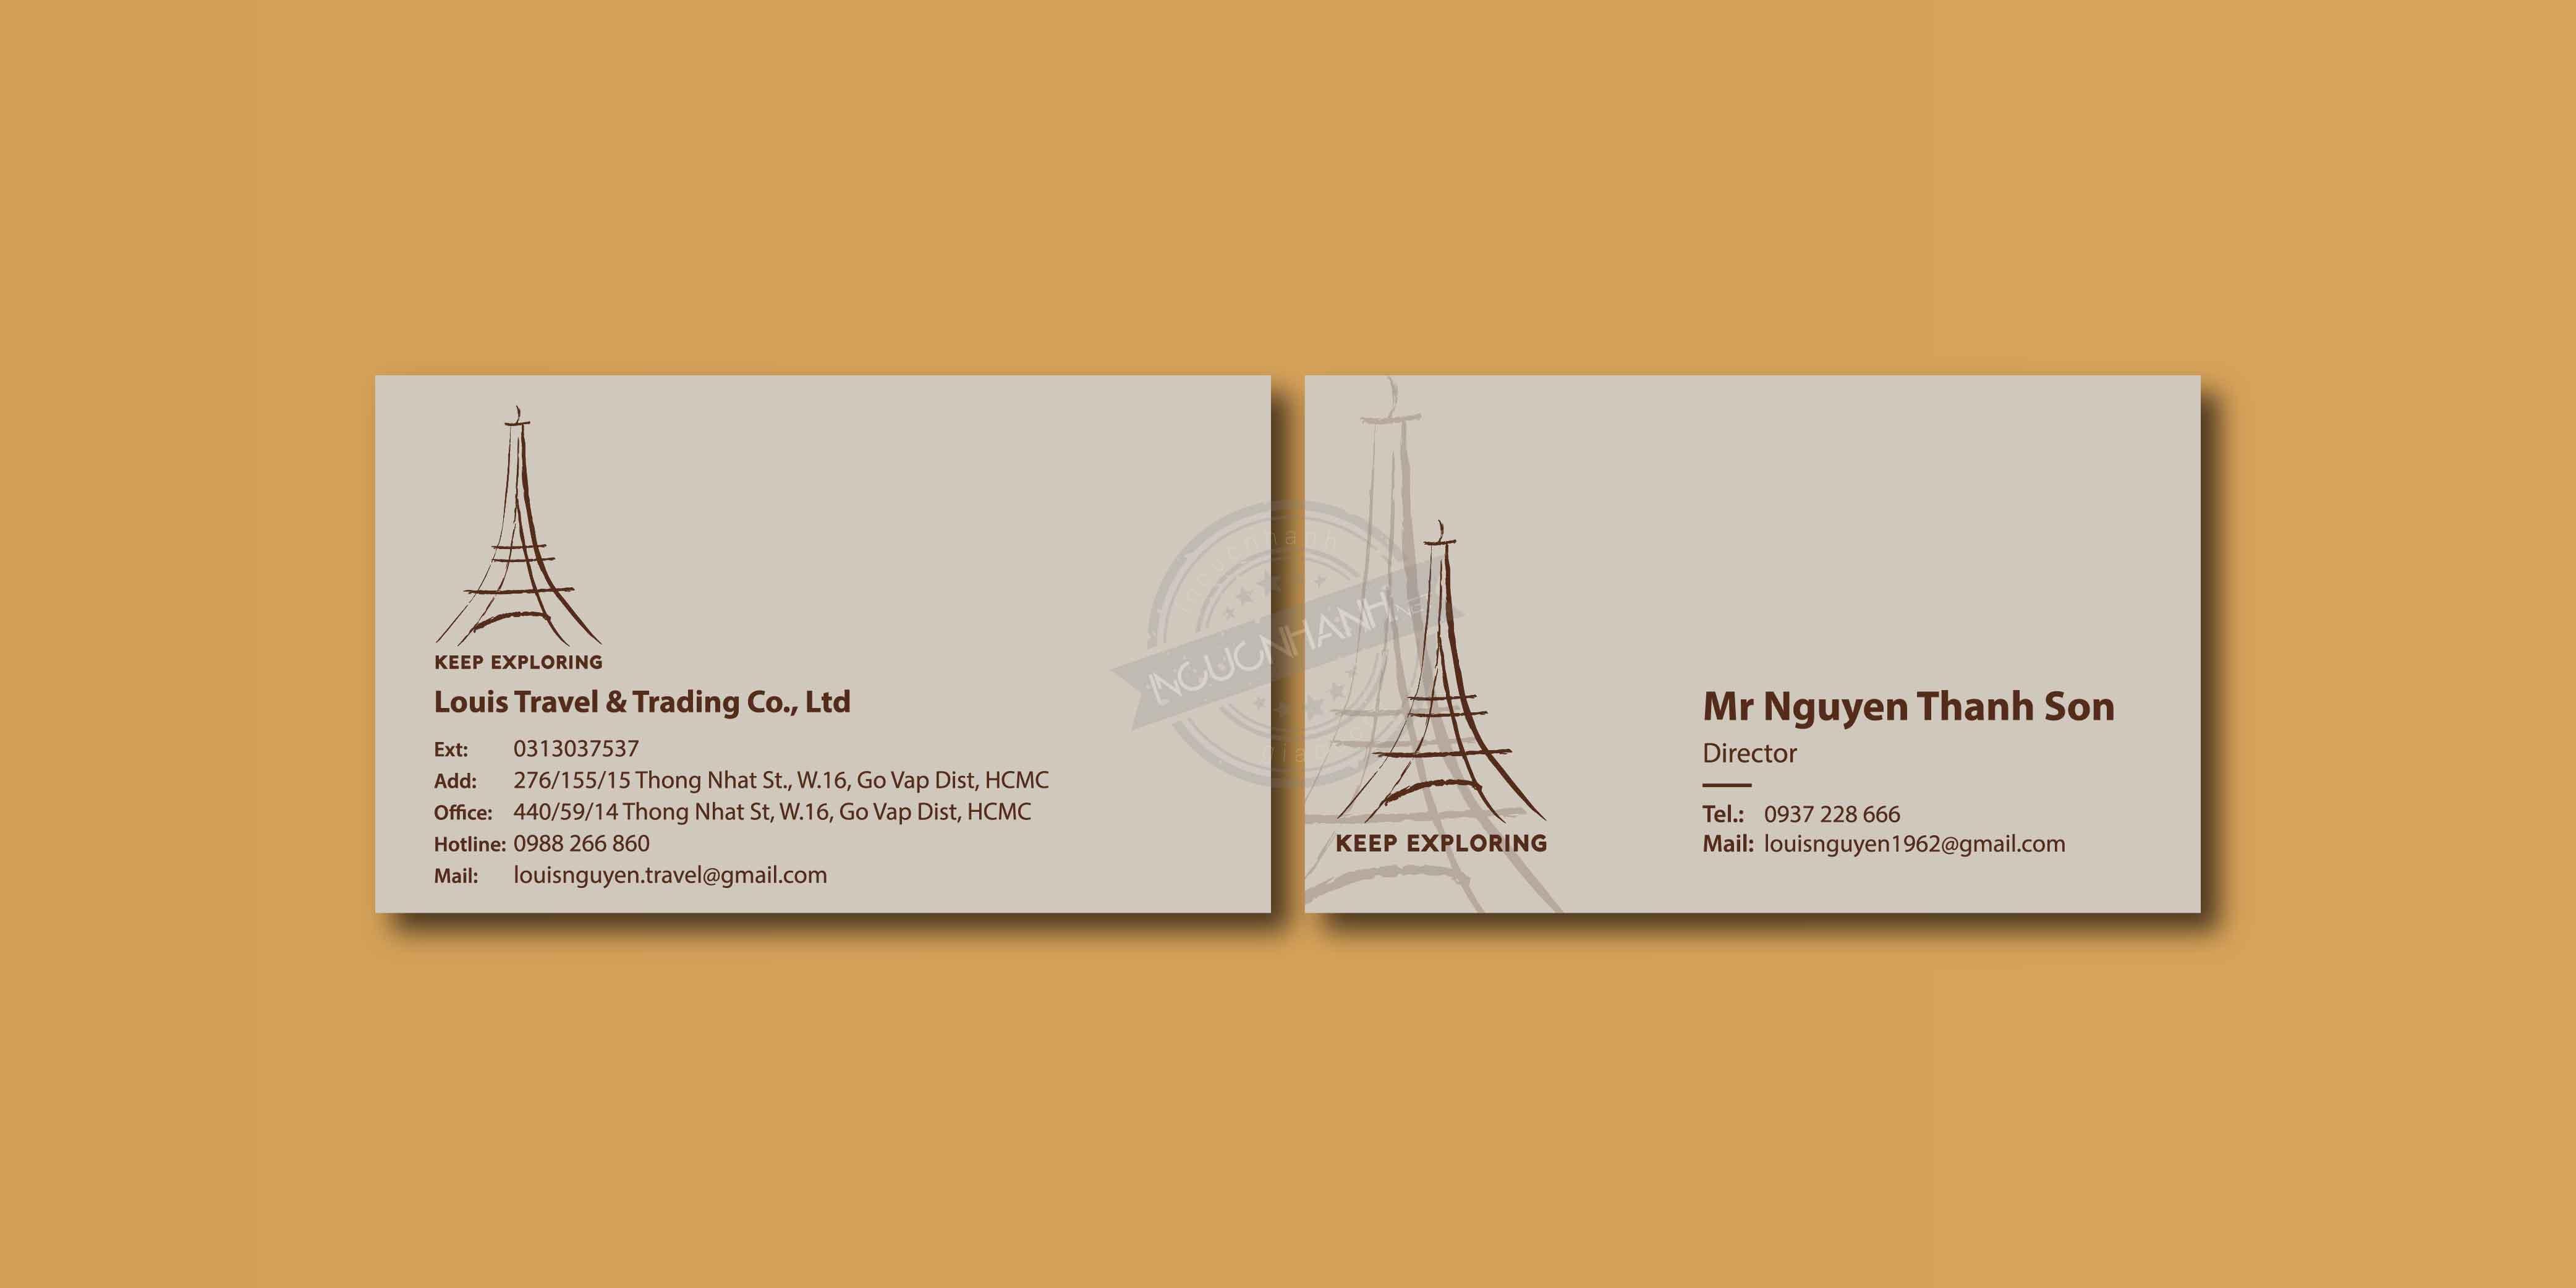 In card visit theo yêu cầu